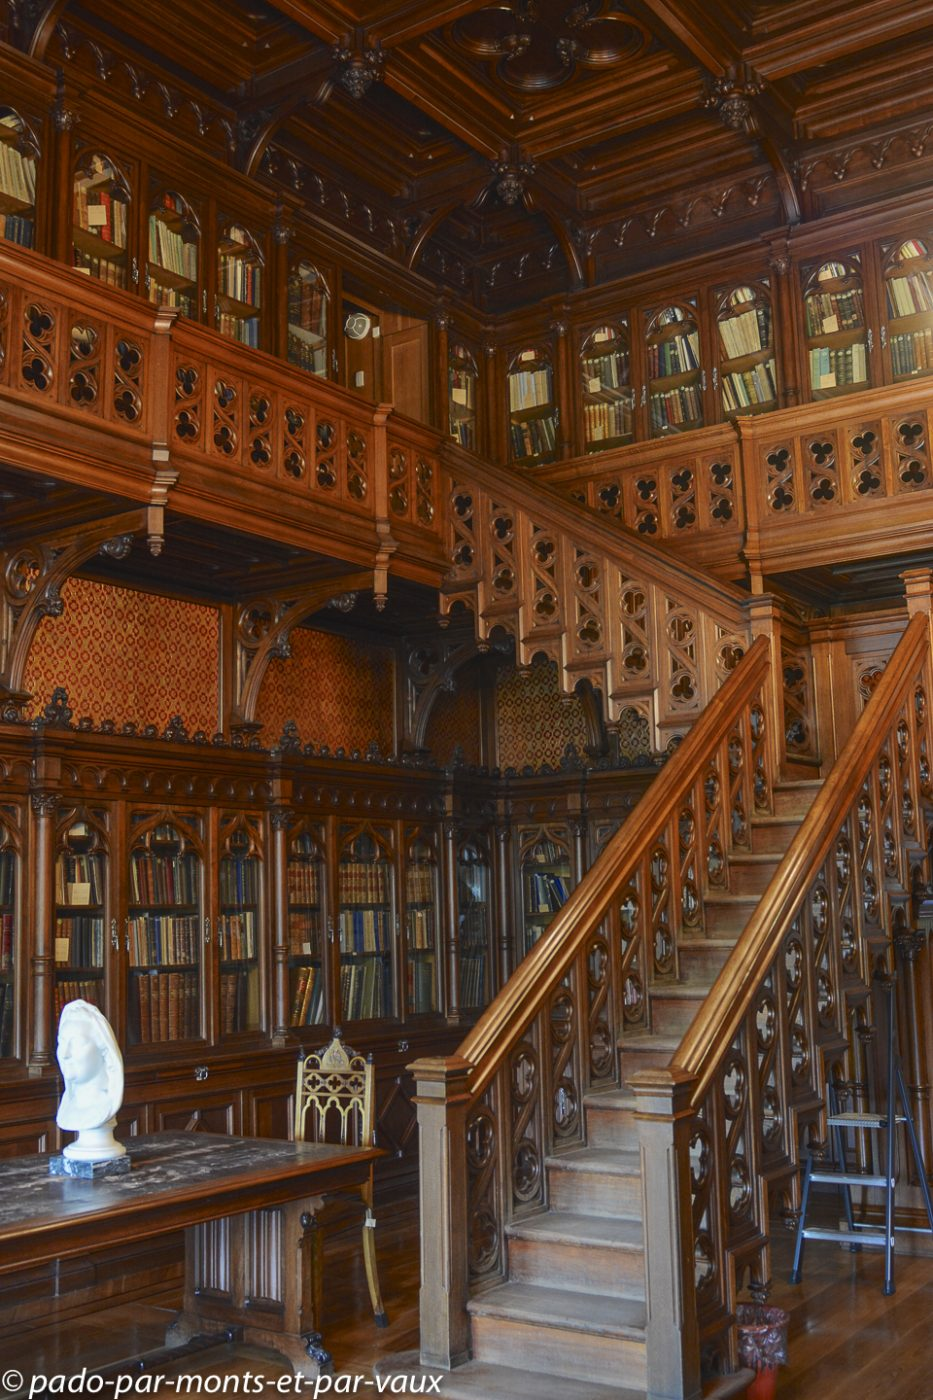 2015 - St Pétersbourg - Musée de l'Ermitage - bibliothèque